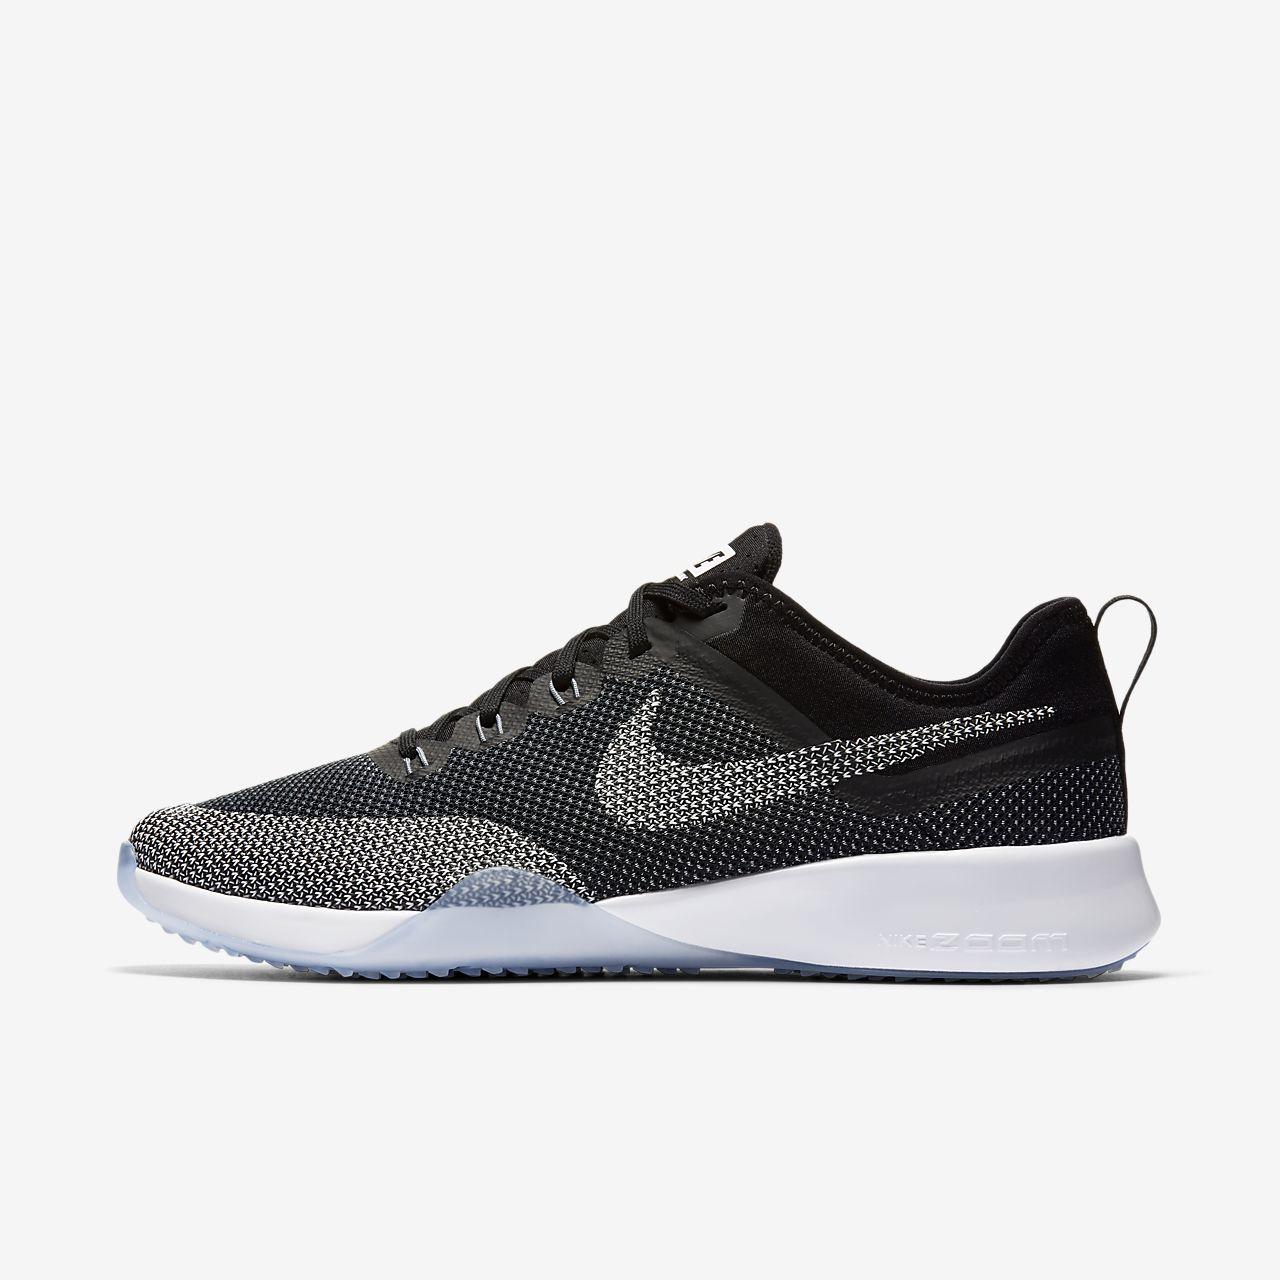 size 40 6dd14 421a9 ... Calzado de entrenamiento para mujer Nike Air Zoom Dynamic TR